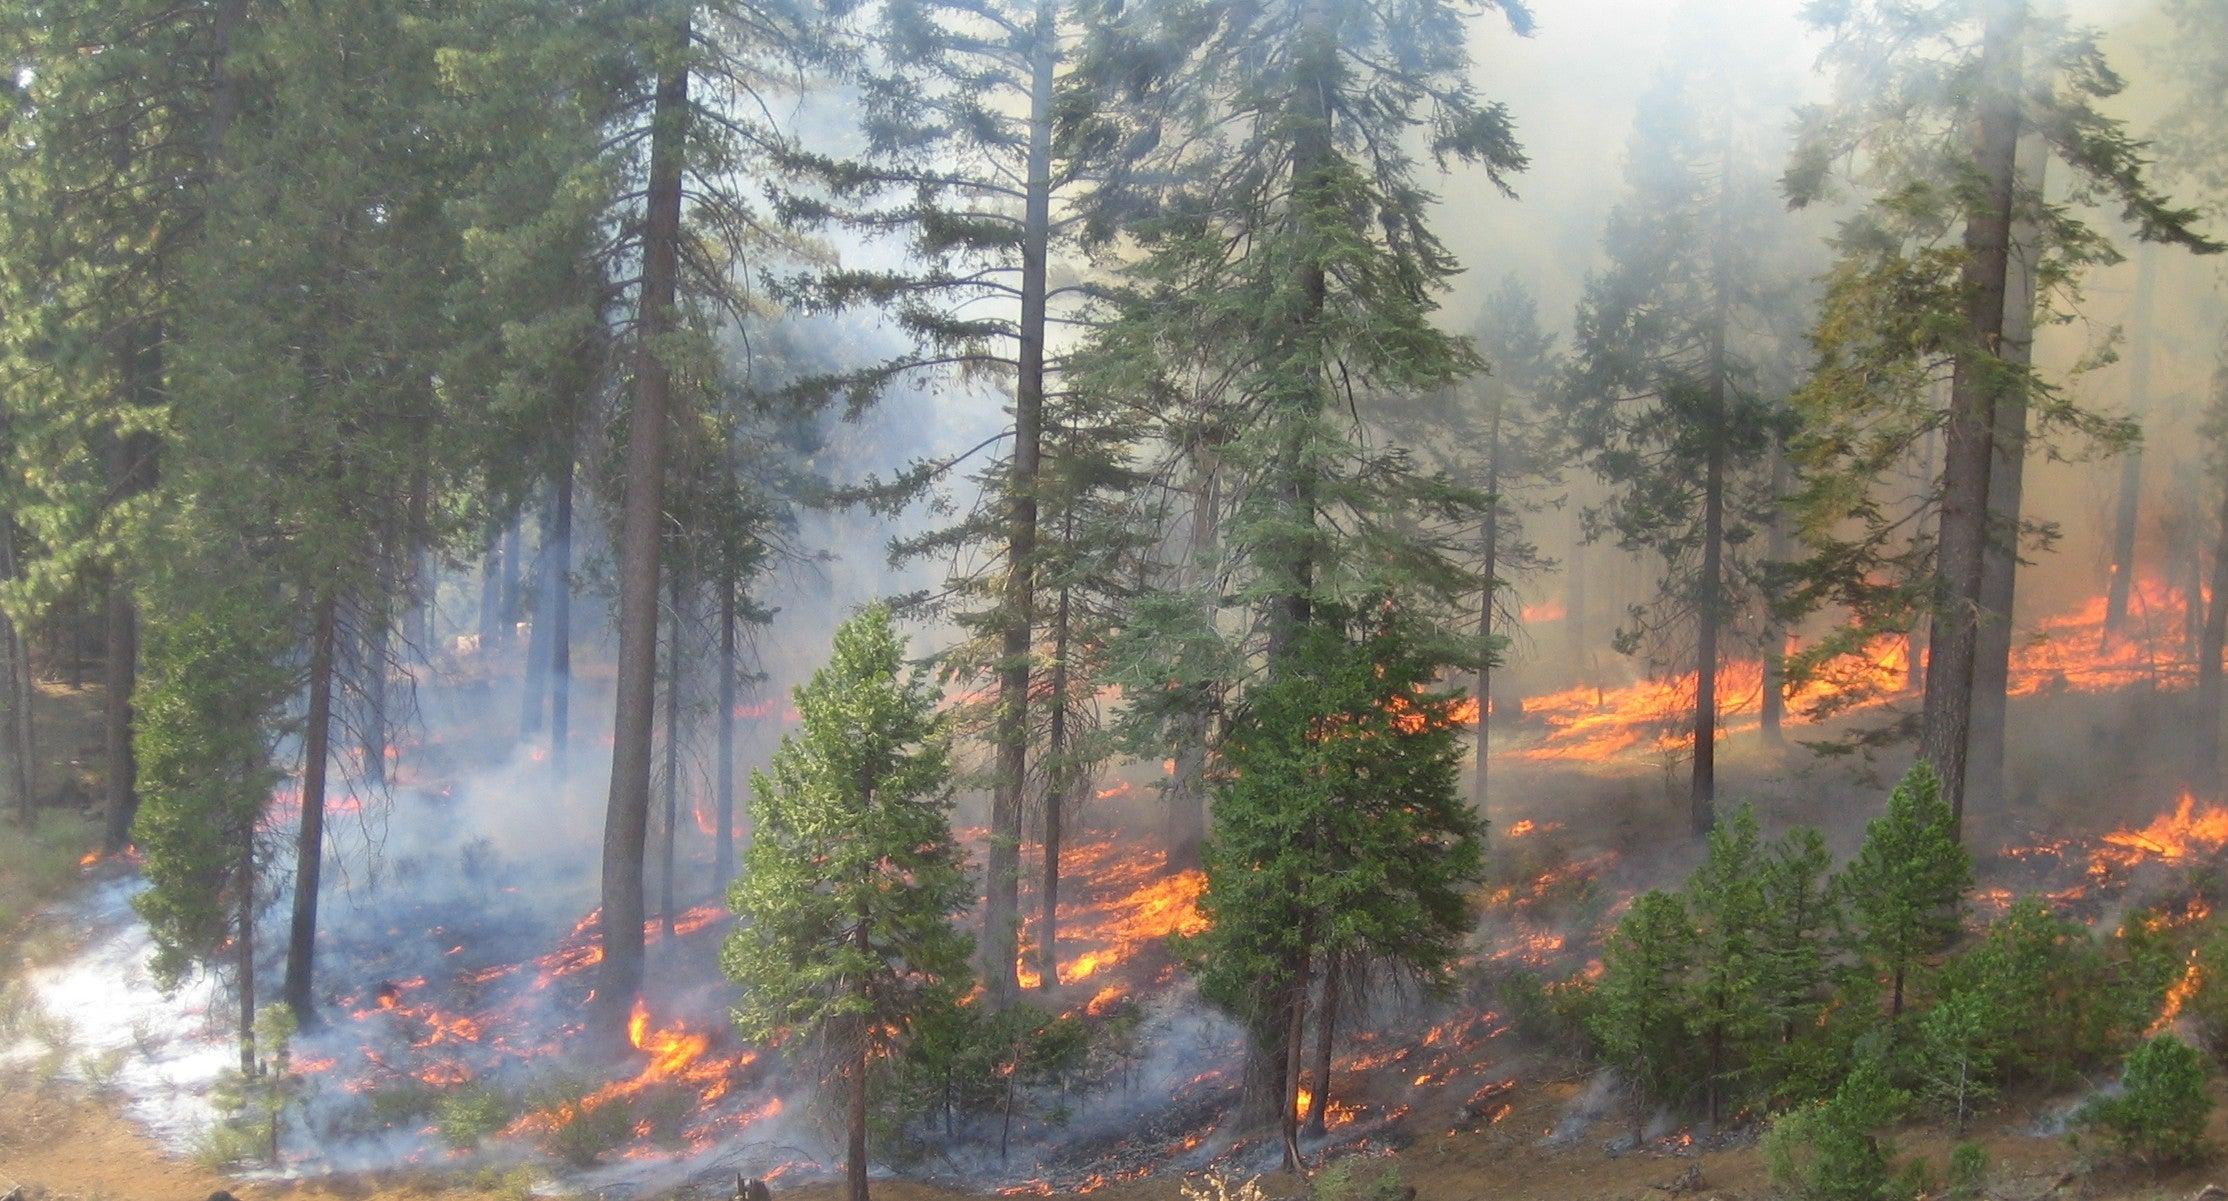 To Prevent Huge Forest Fires, Let Them Burn